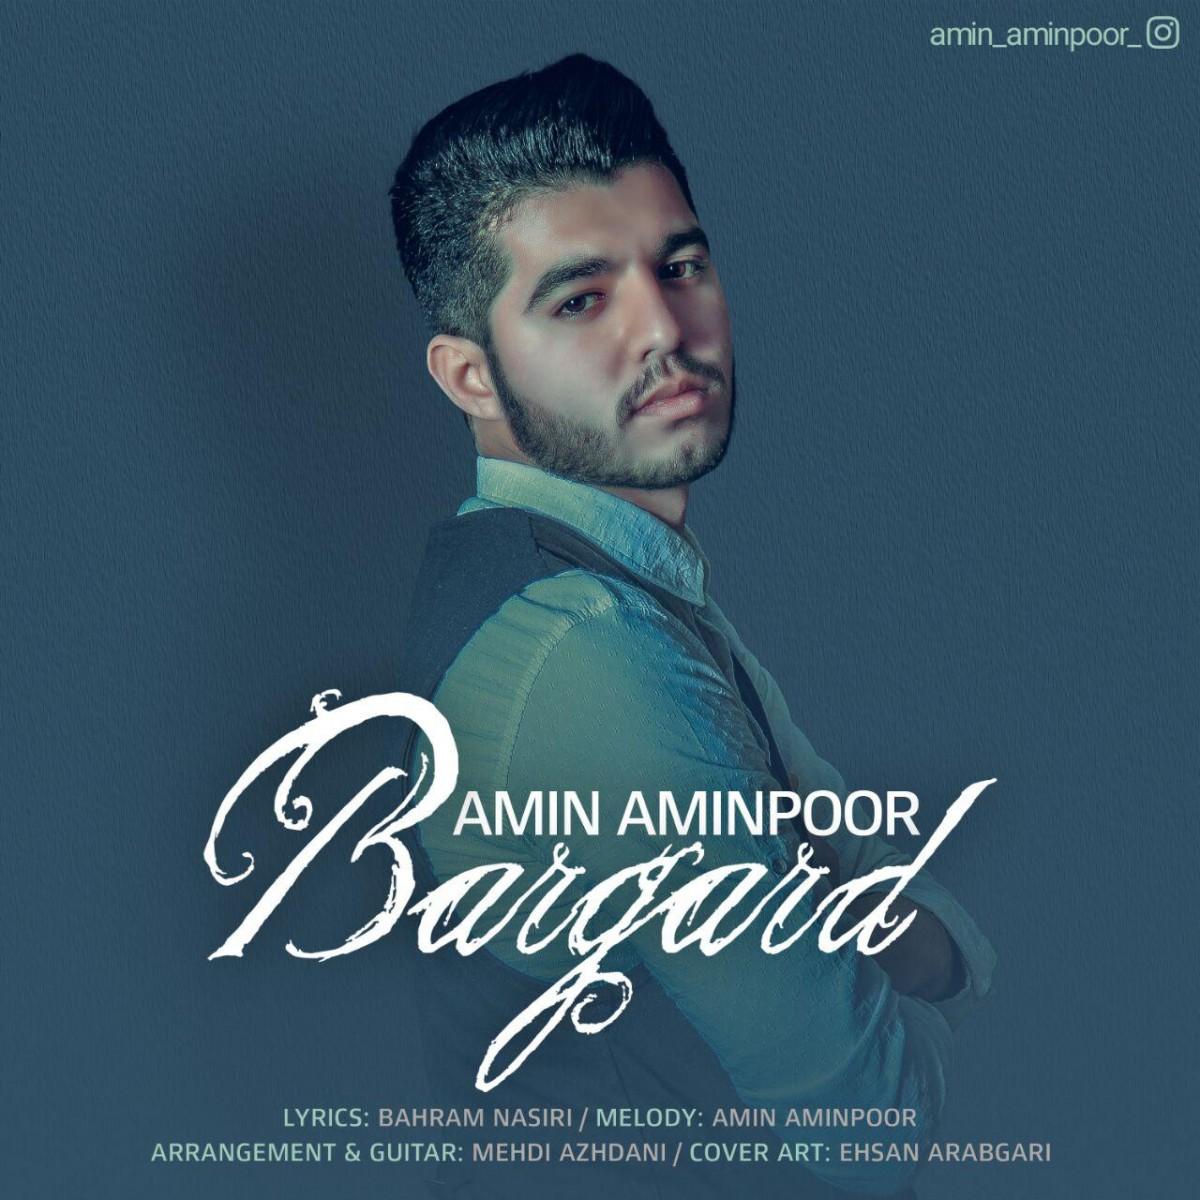 نامبر وان موزیک | دانلود آهنگ جدید Amin-Aminpoor-Bargard